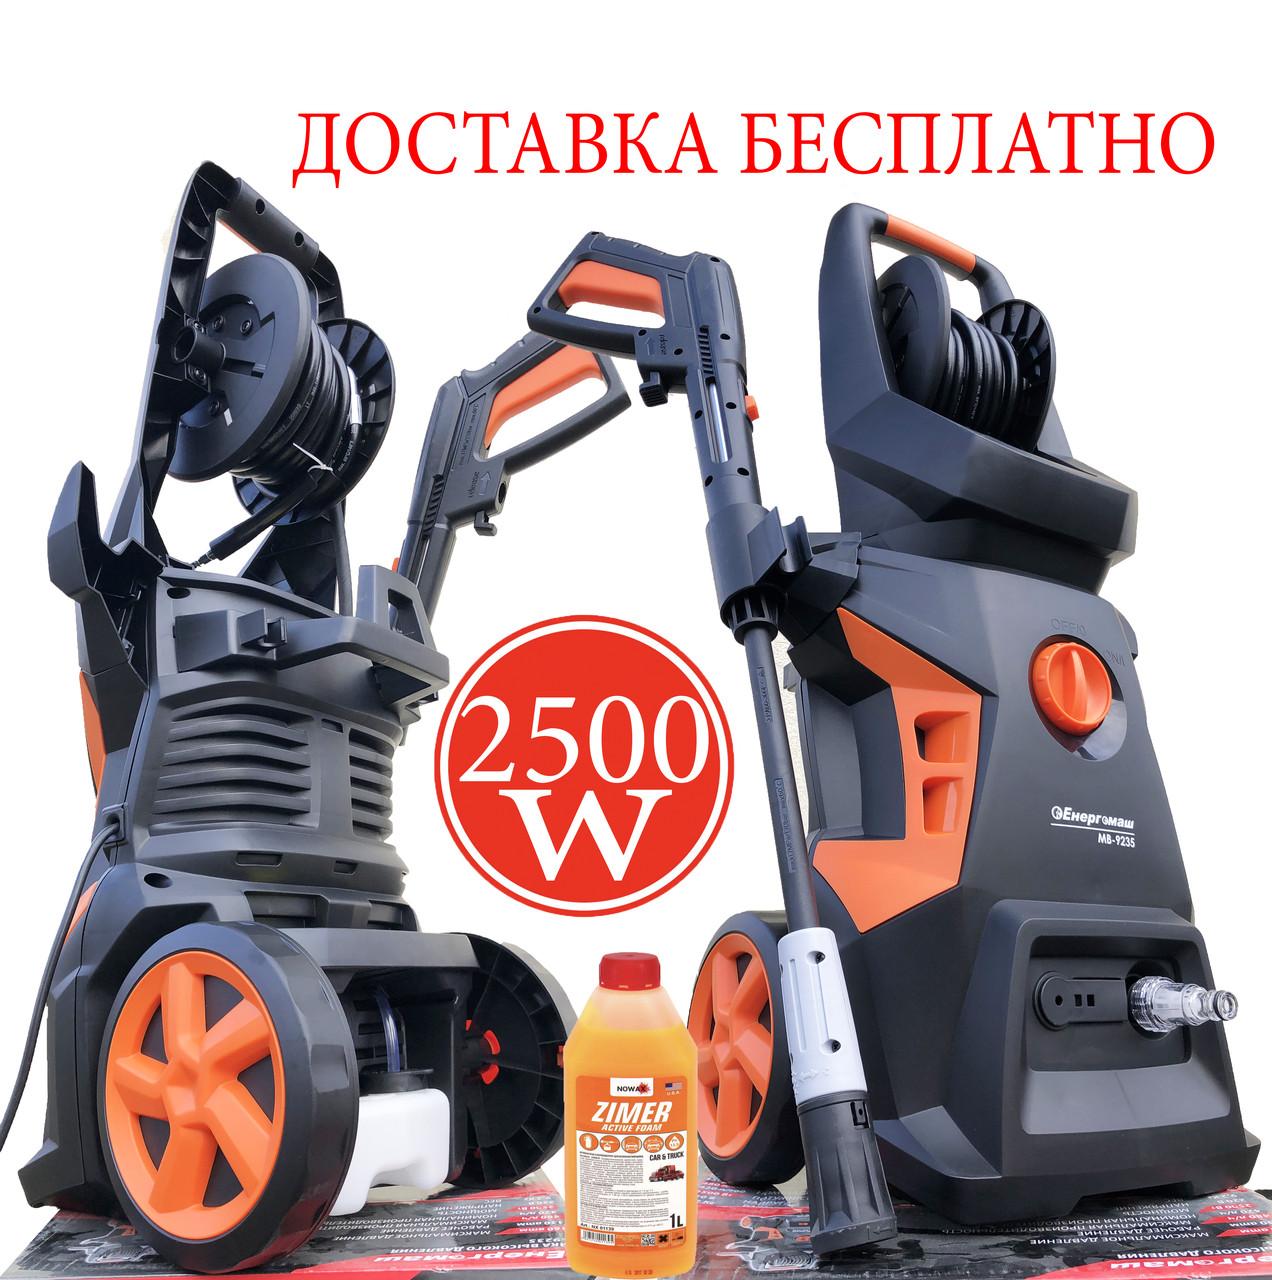 Мойка высокого давления Енергомаш МВ-9235 ,160 бар,2500 ват. + Автохимия+Доставка бесплатно